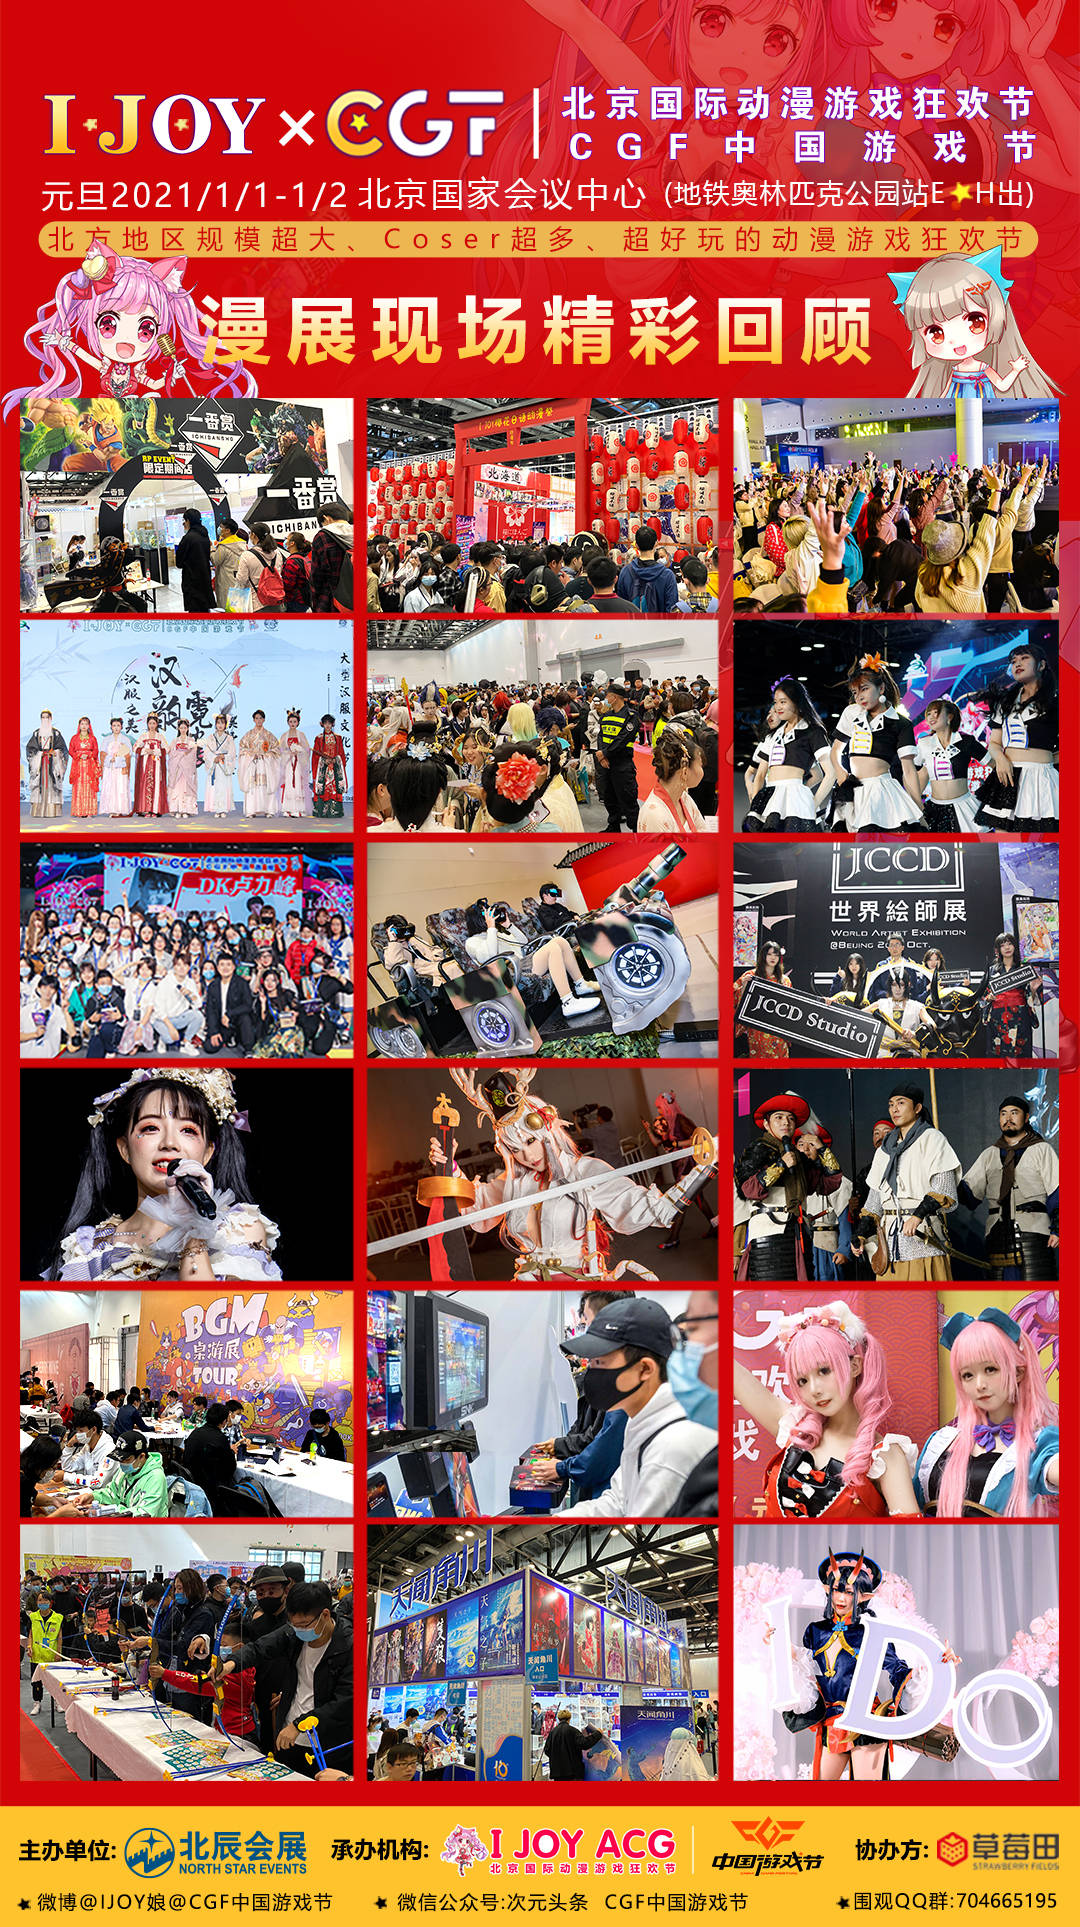 元旦IJOY × CGF北京大型动漫游戏狂欢节 和小伙伴们相约北京国家会议中心 展会活动-第6张